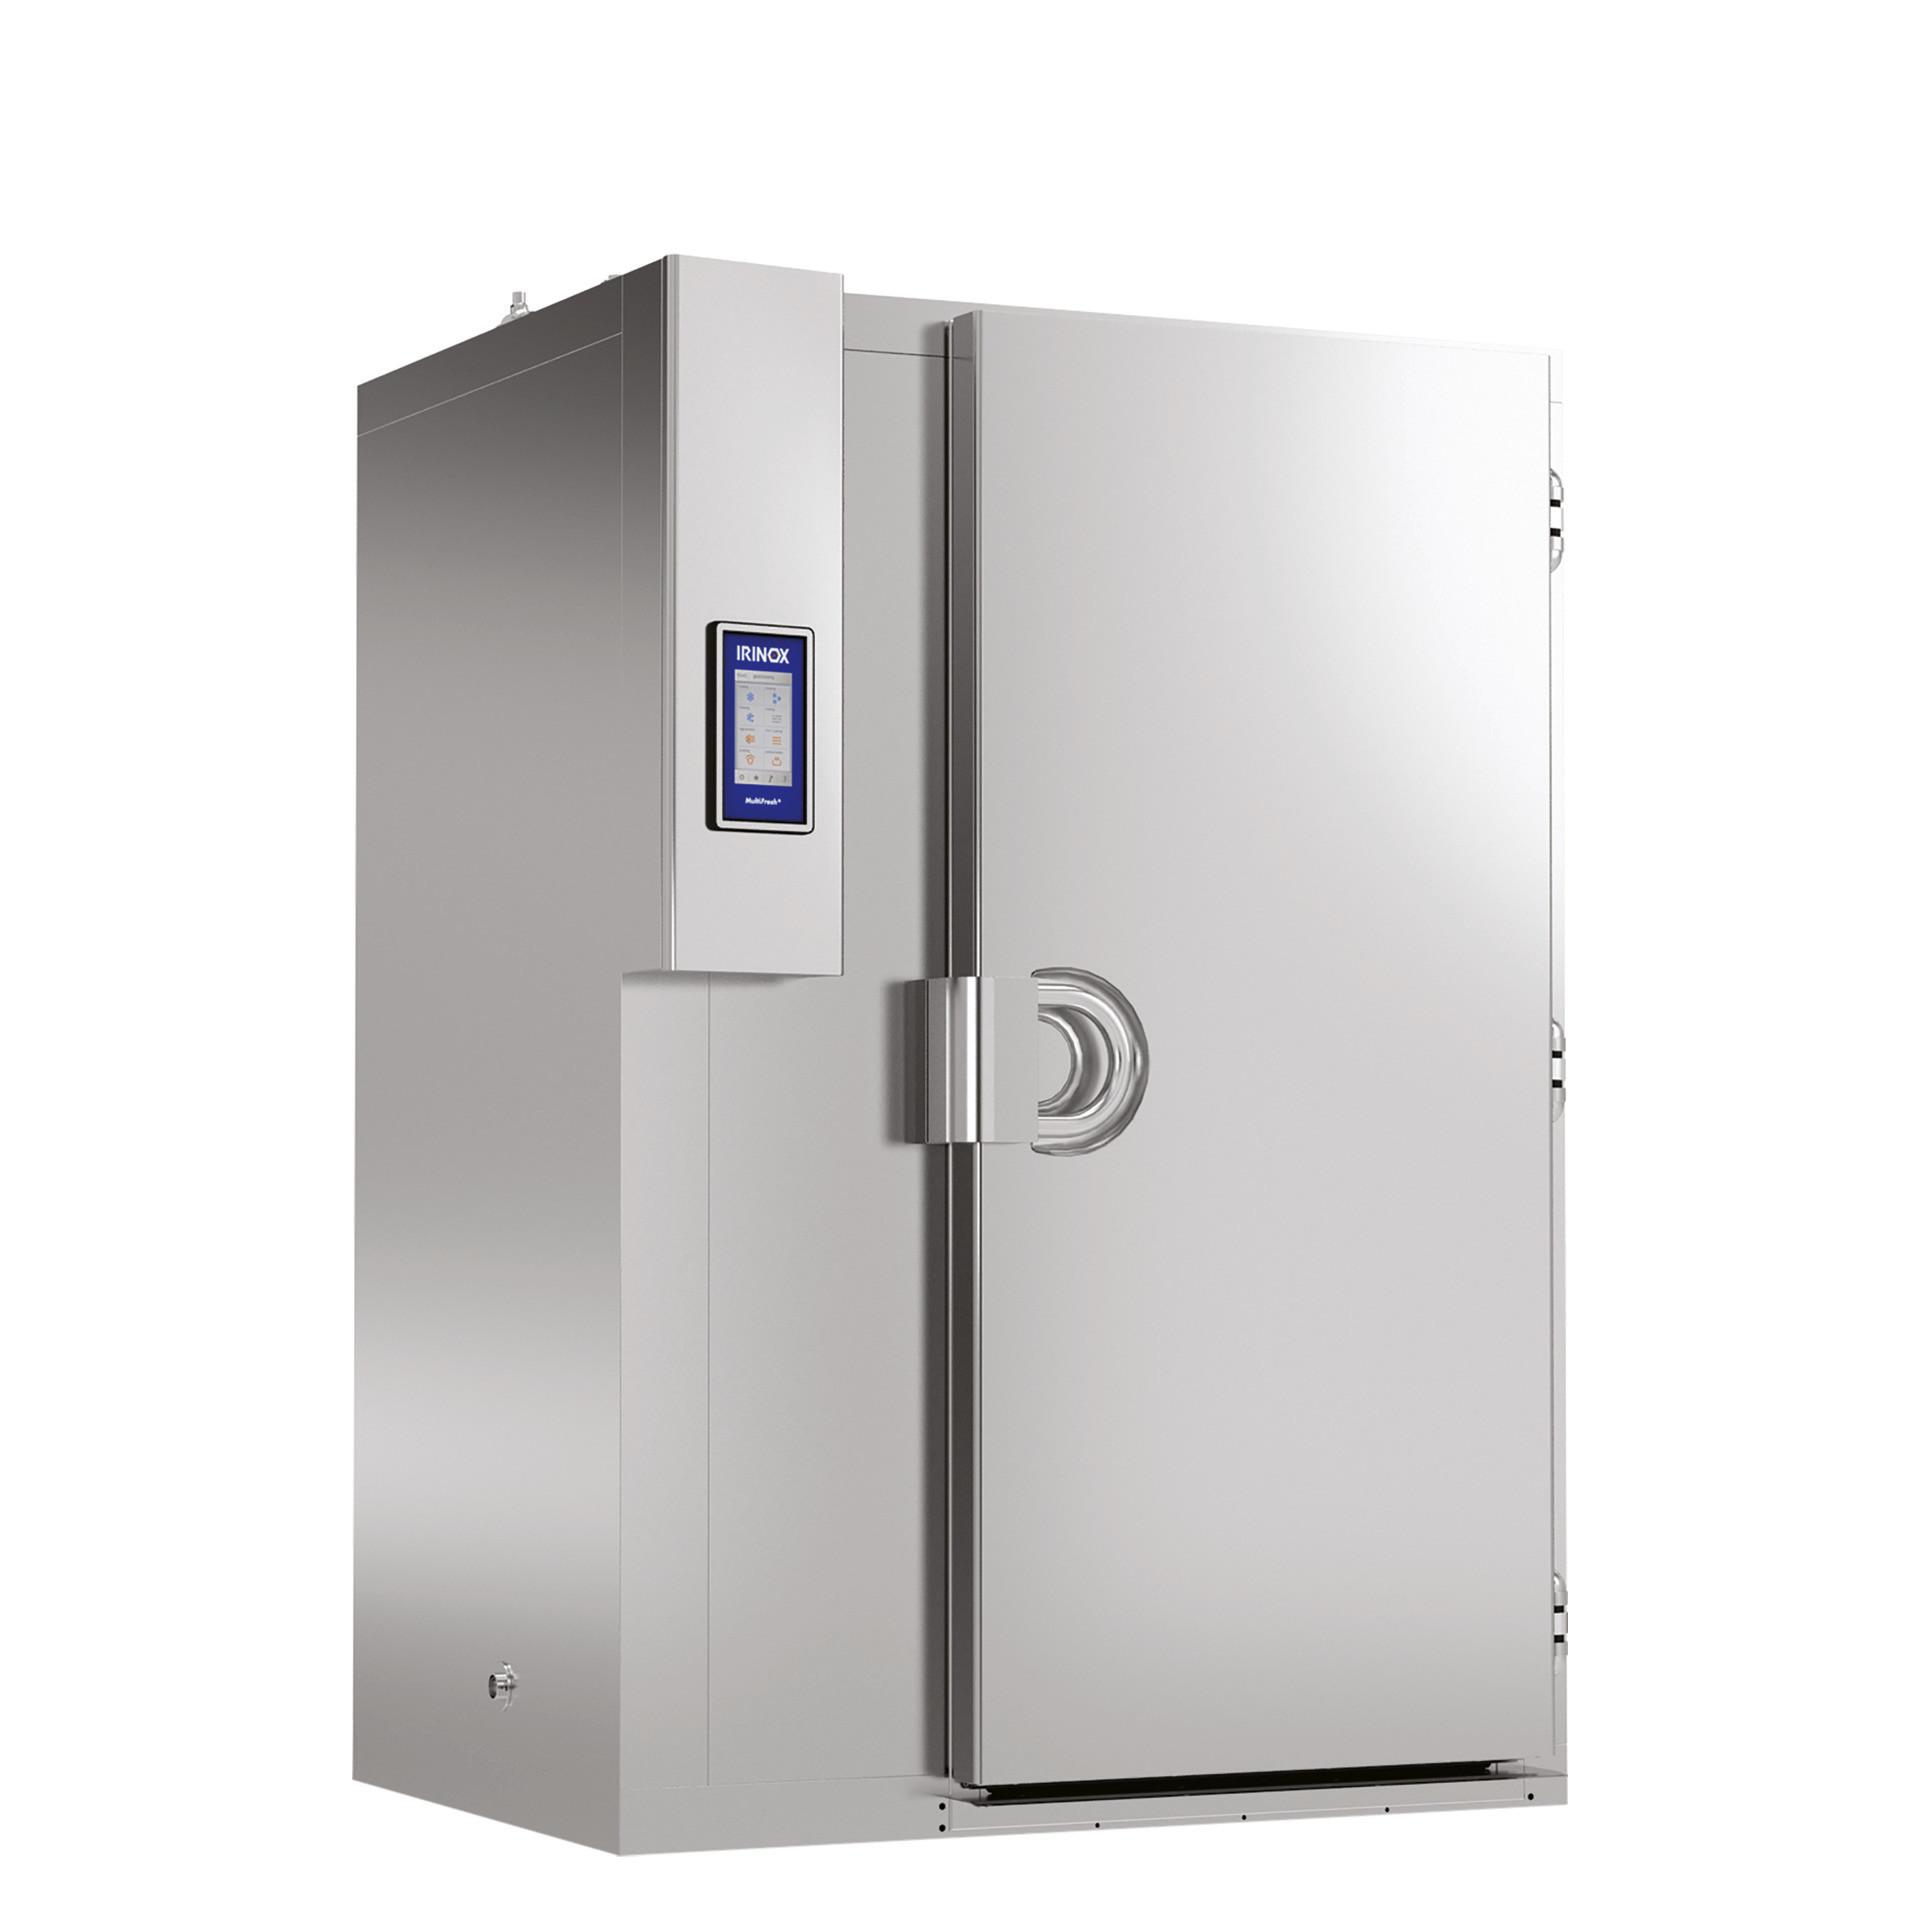 Schnellkühler / Schockfroster 20 x GN 1/1 / luftgekühlt / Leistung 100,00 kg